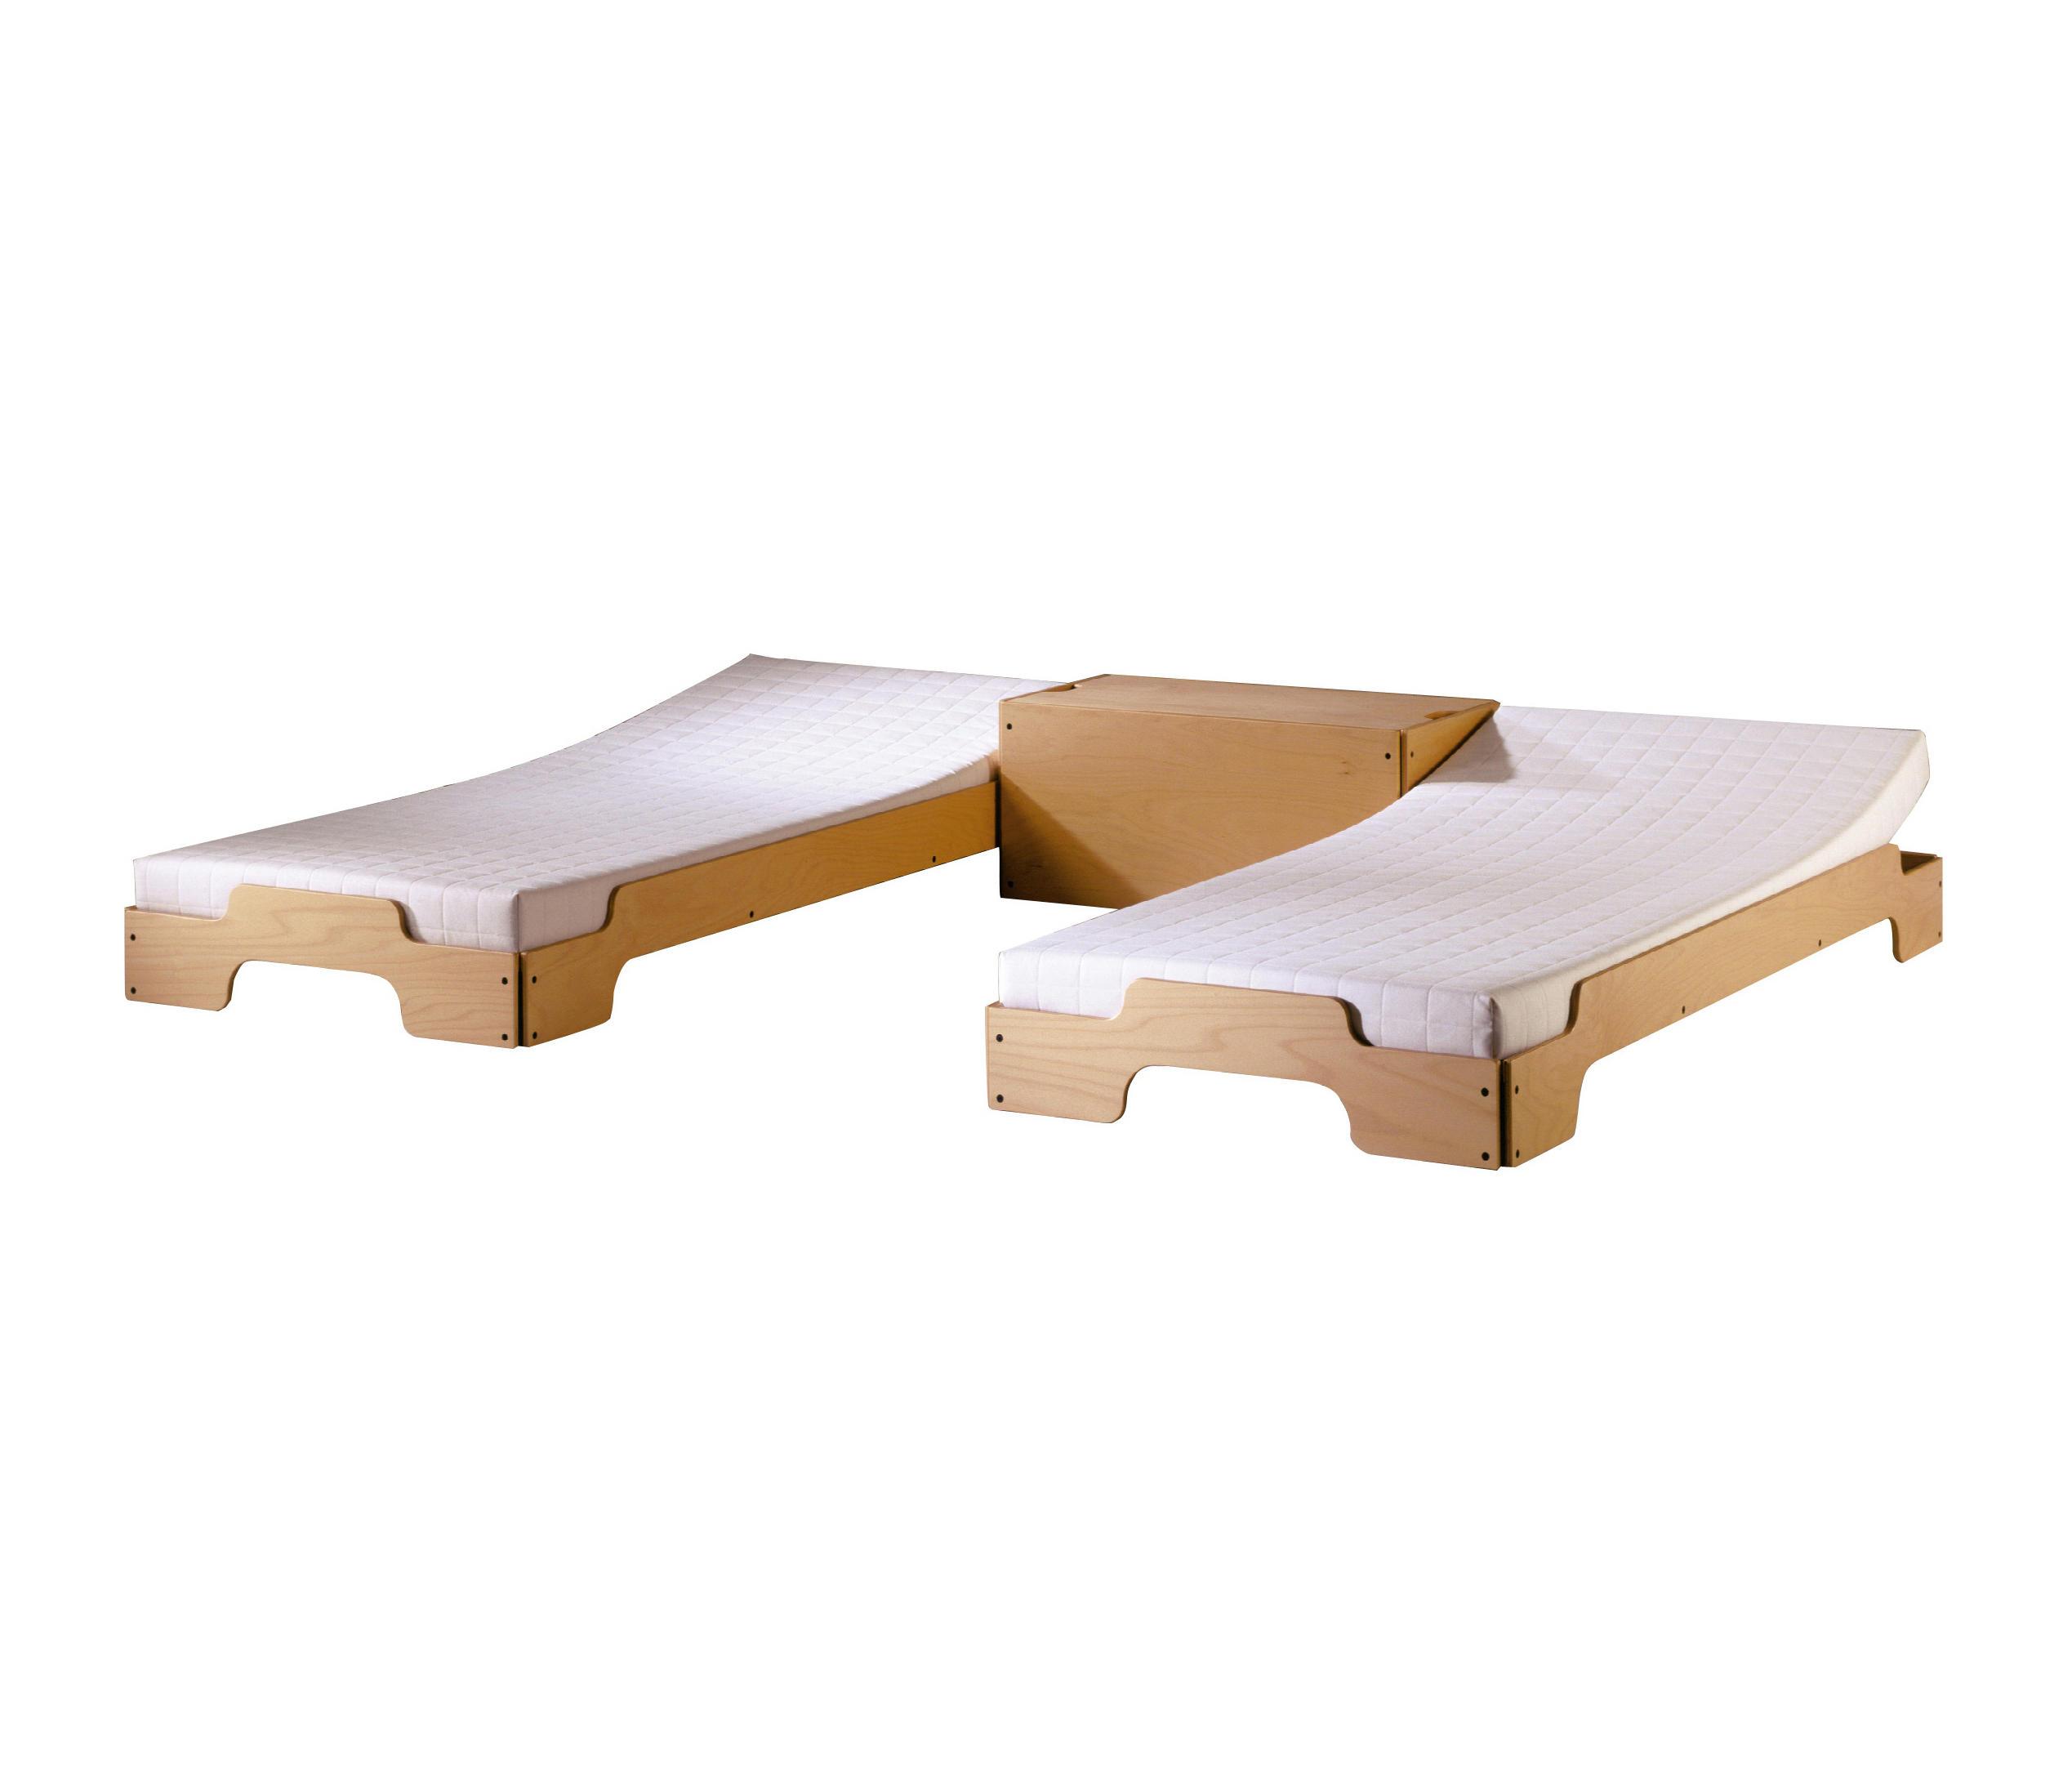 stapelliege buche einzelbetten von m ller m belwerkst tten architonic. Black Bedroom Furniture Sets. Home Design Ideas